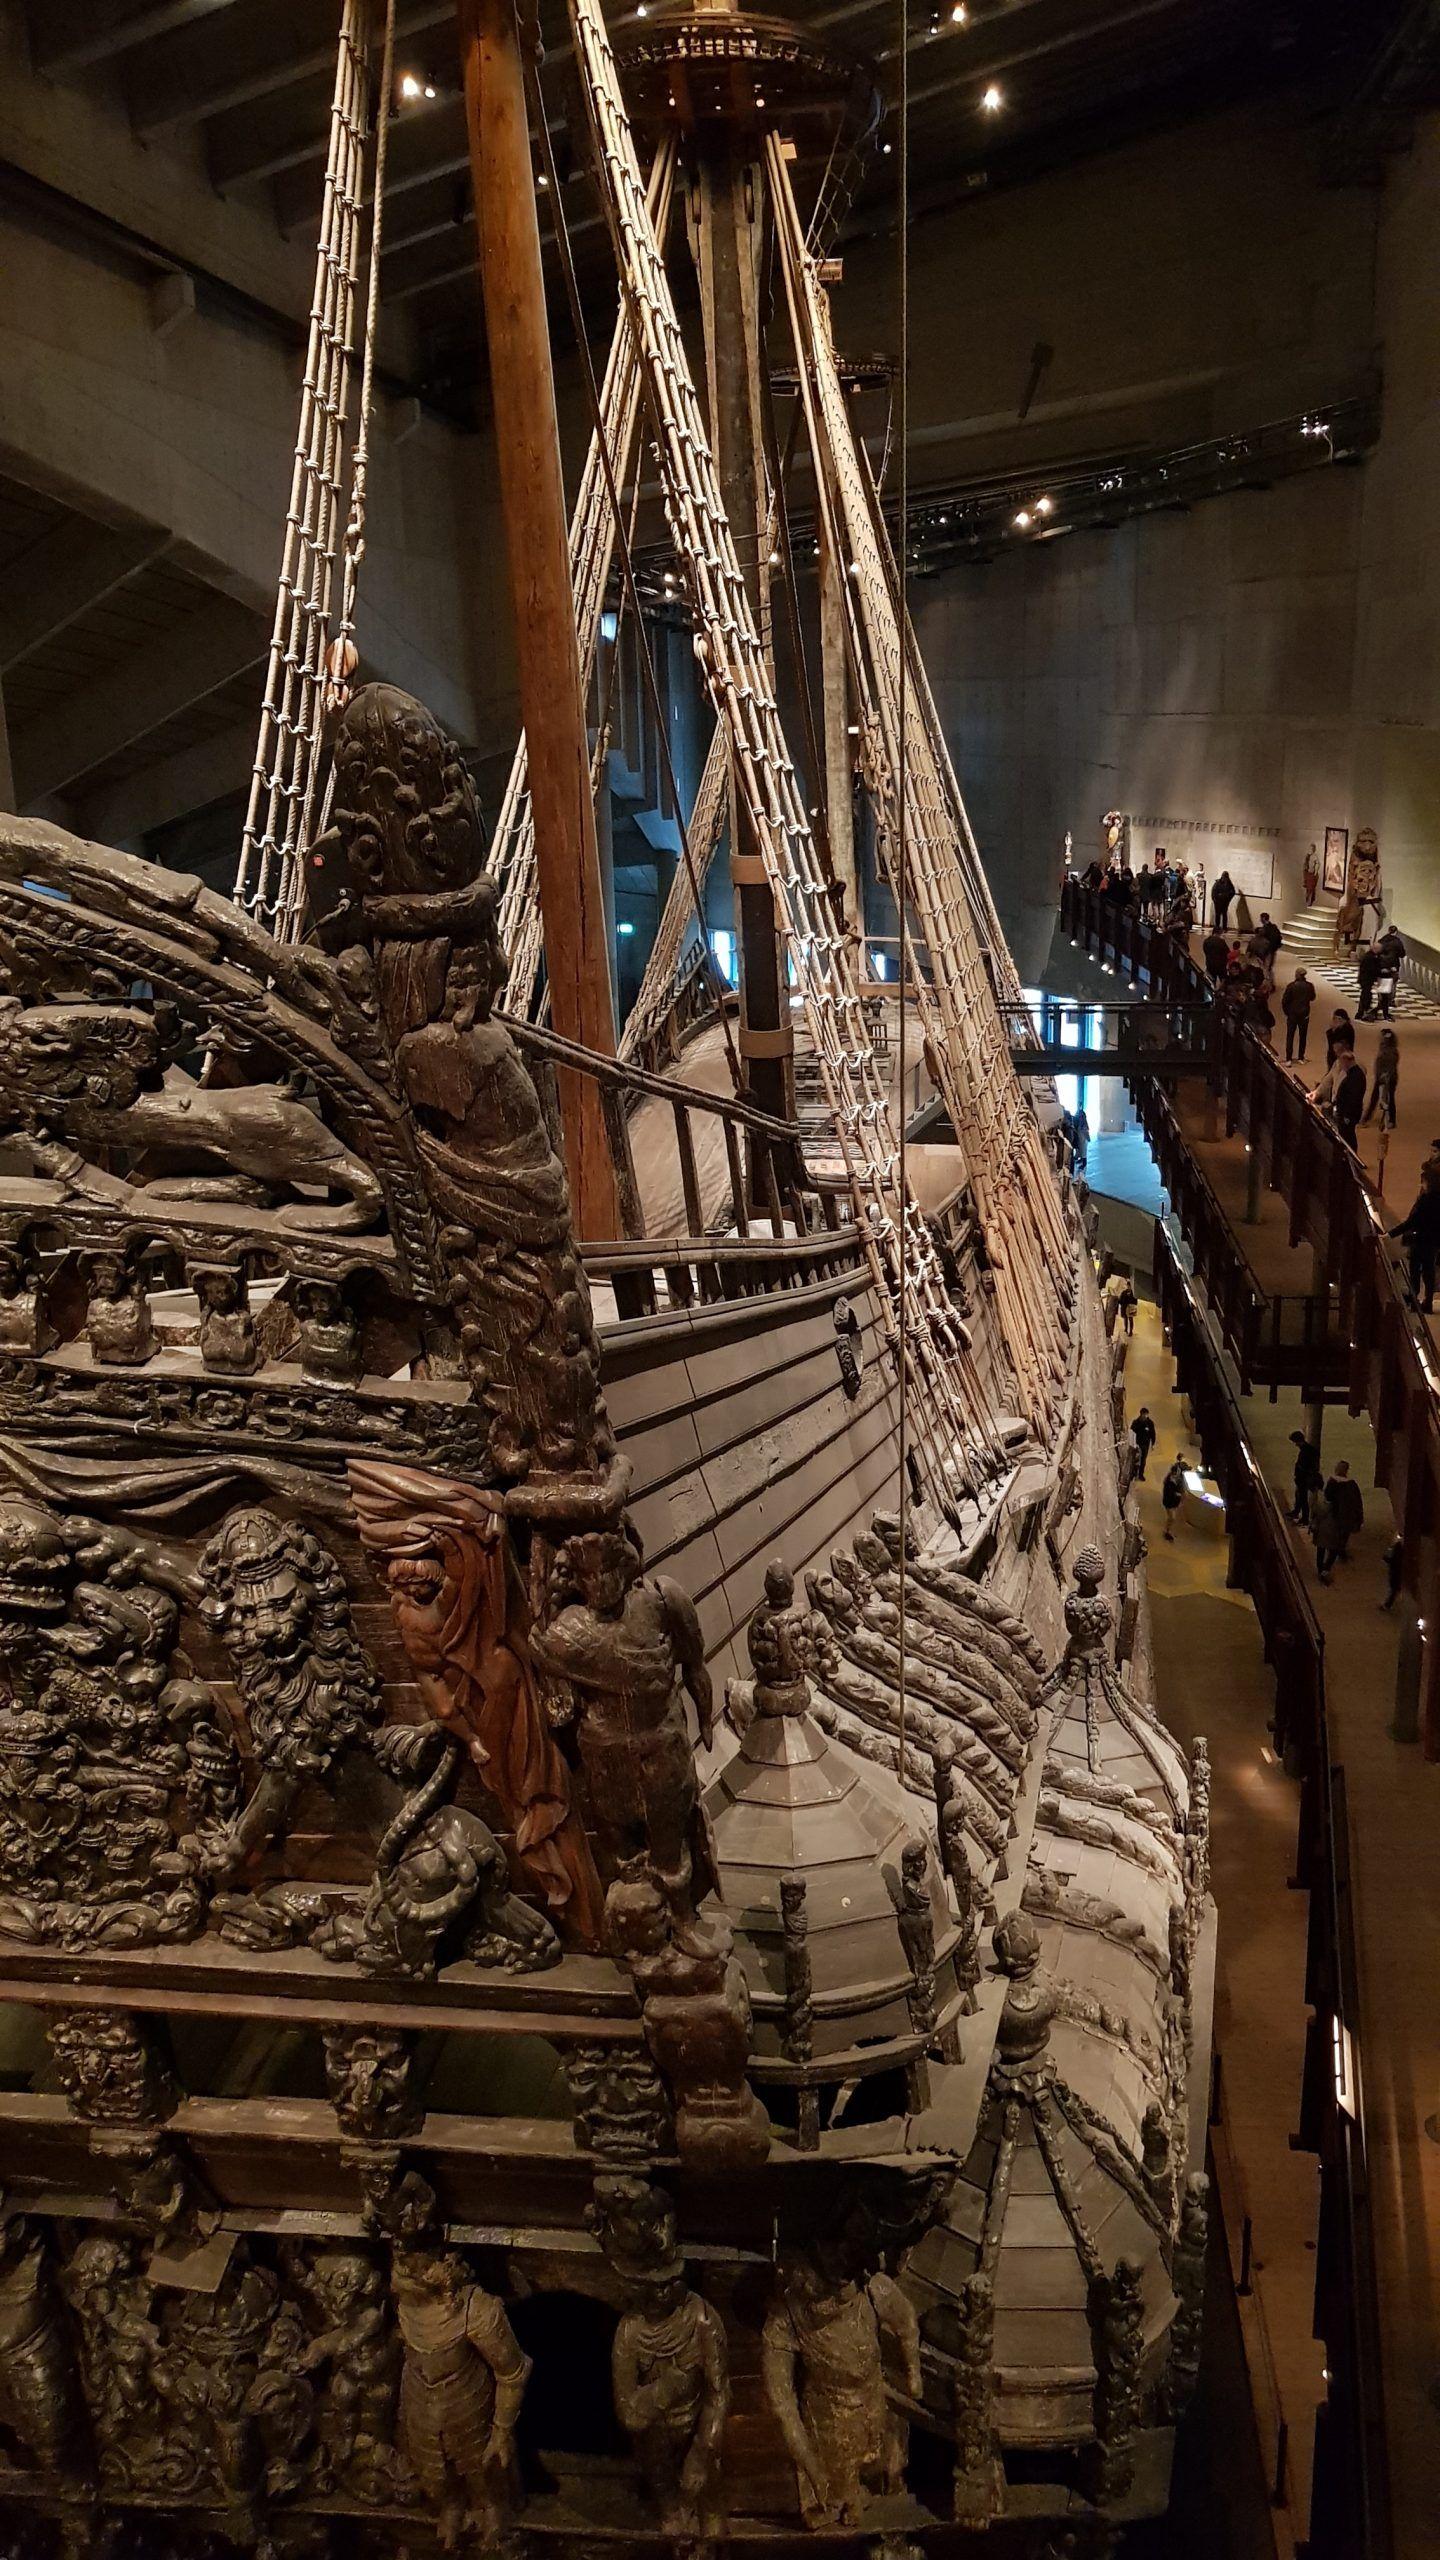 Barco VASA del siglo XVII rescatado del fondo del mar.